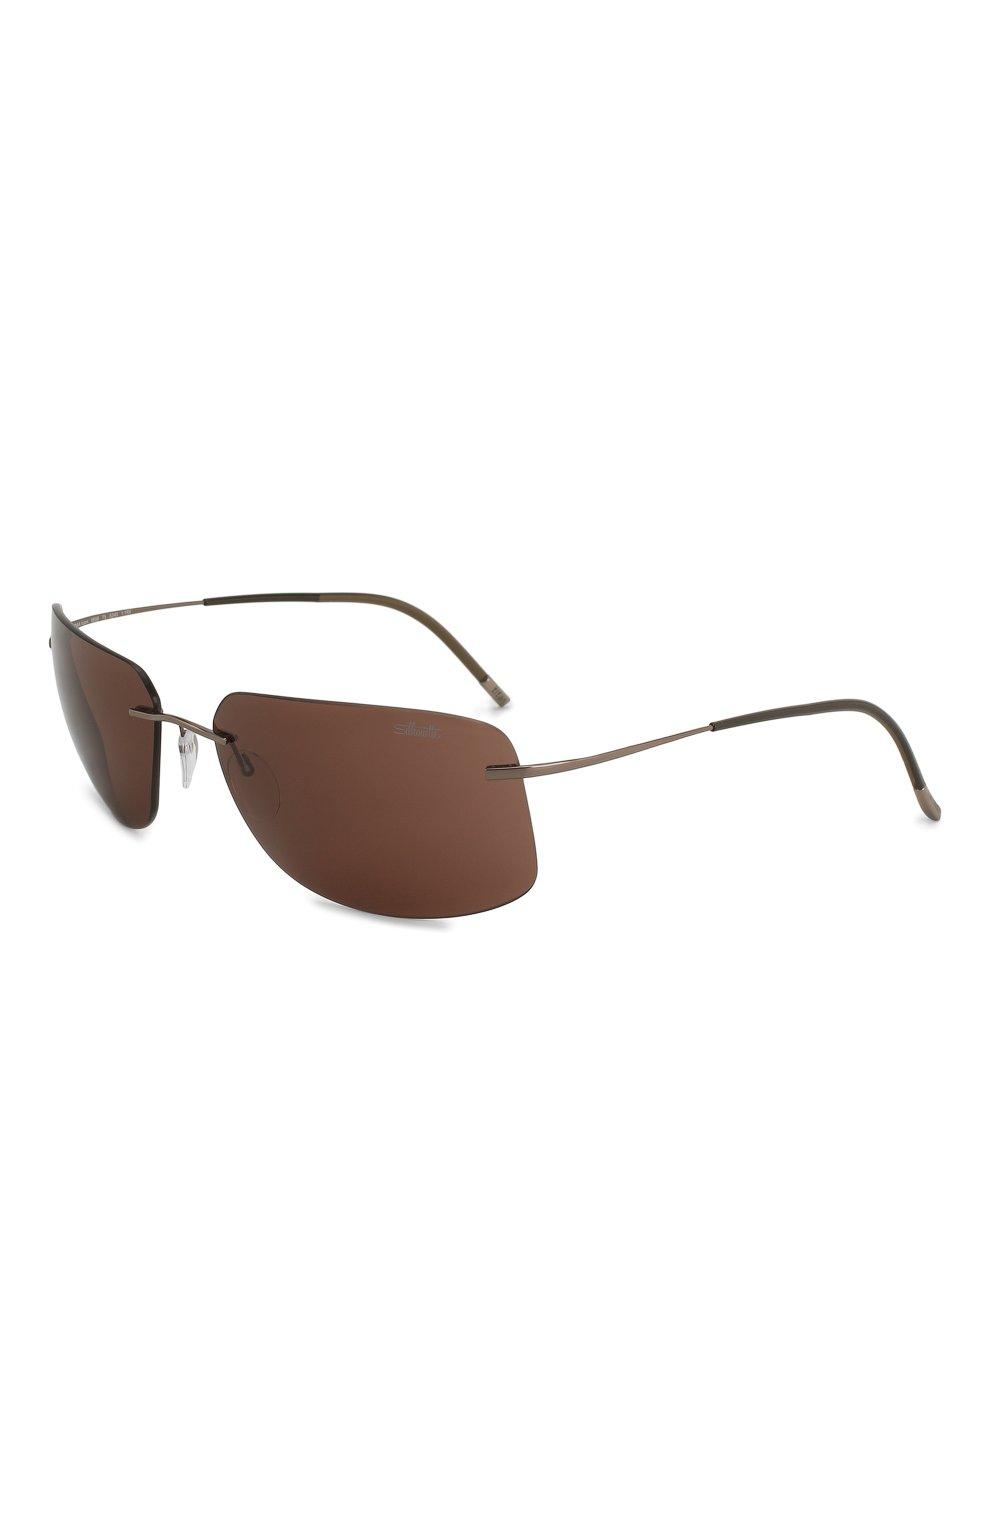 Женские солнцезащитные очки SILHOUETTE коричневого цвета, арт. 8698/6240 | Фото 1